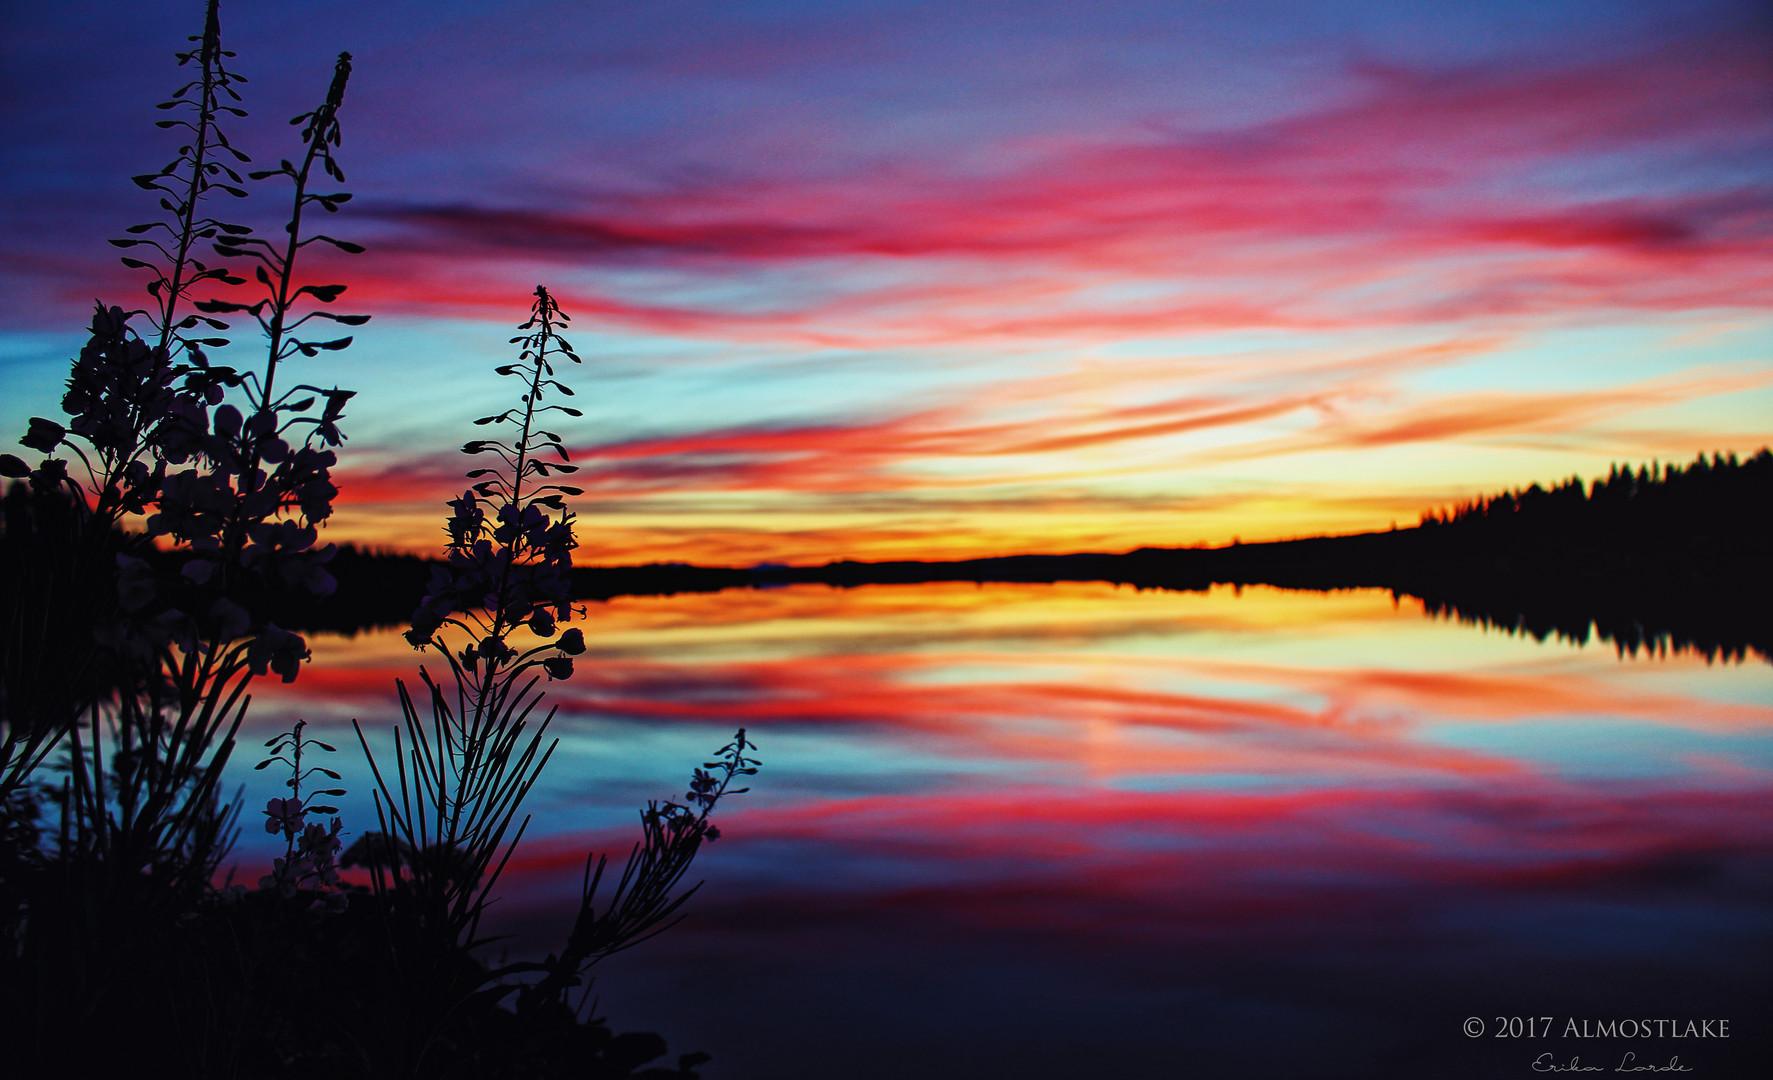 Strålande solnedgång-3 sign.jpg